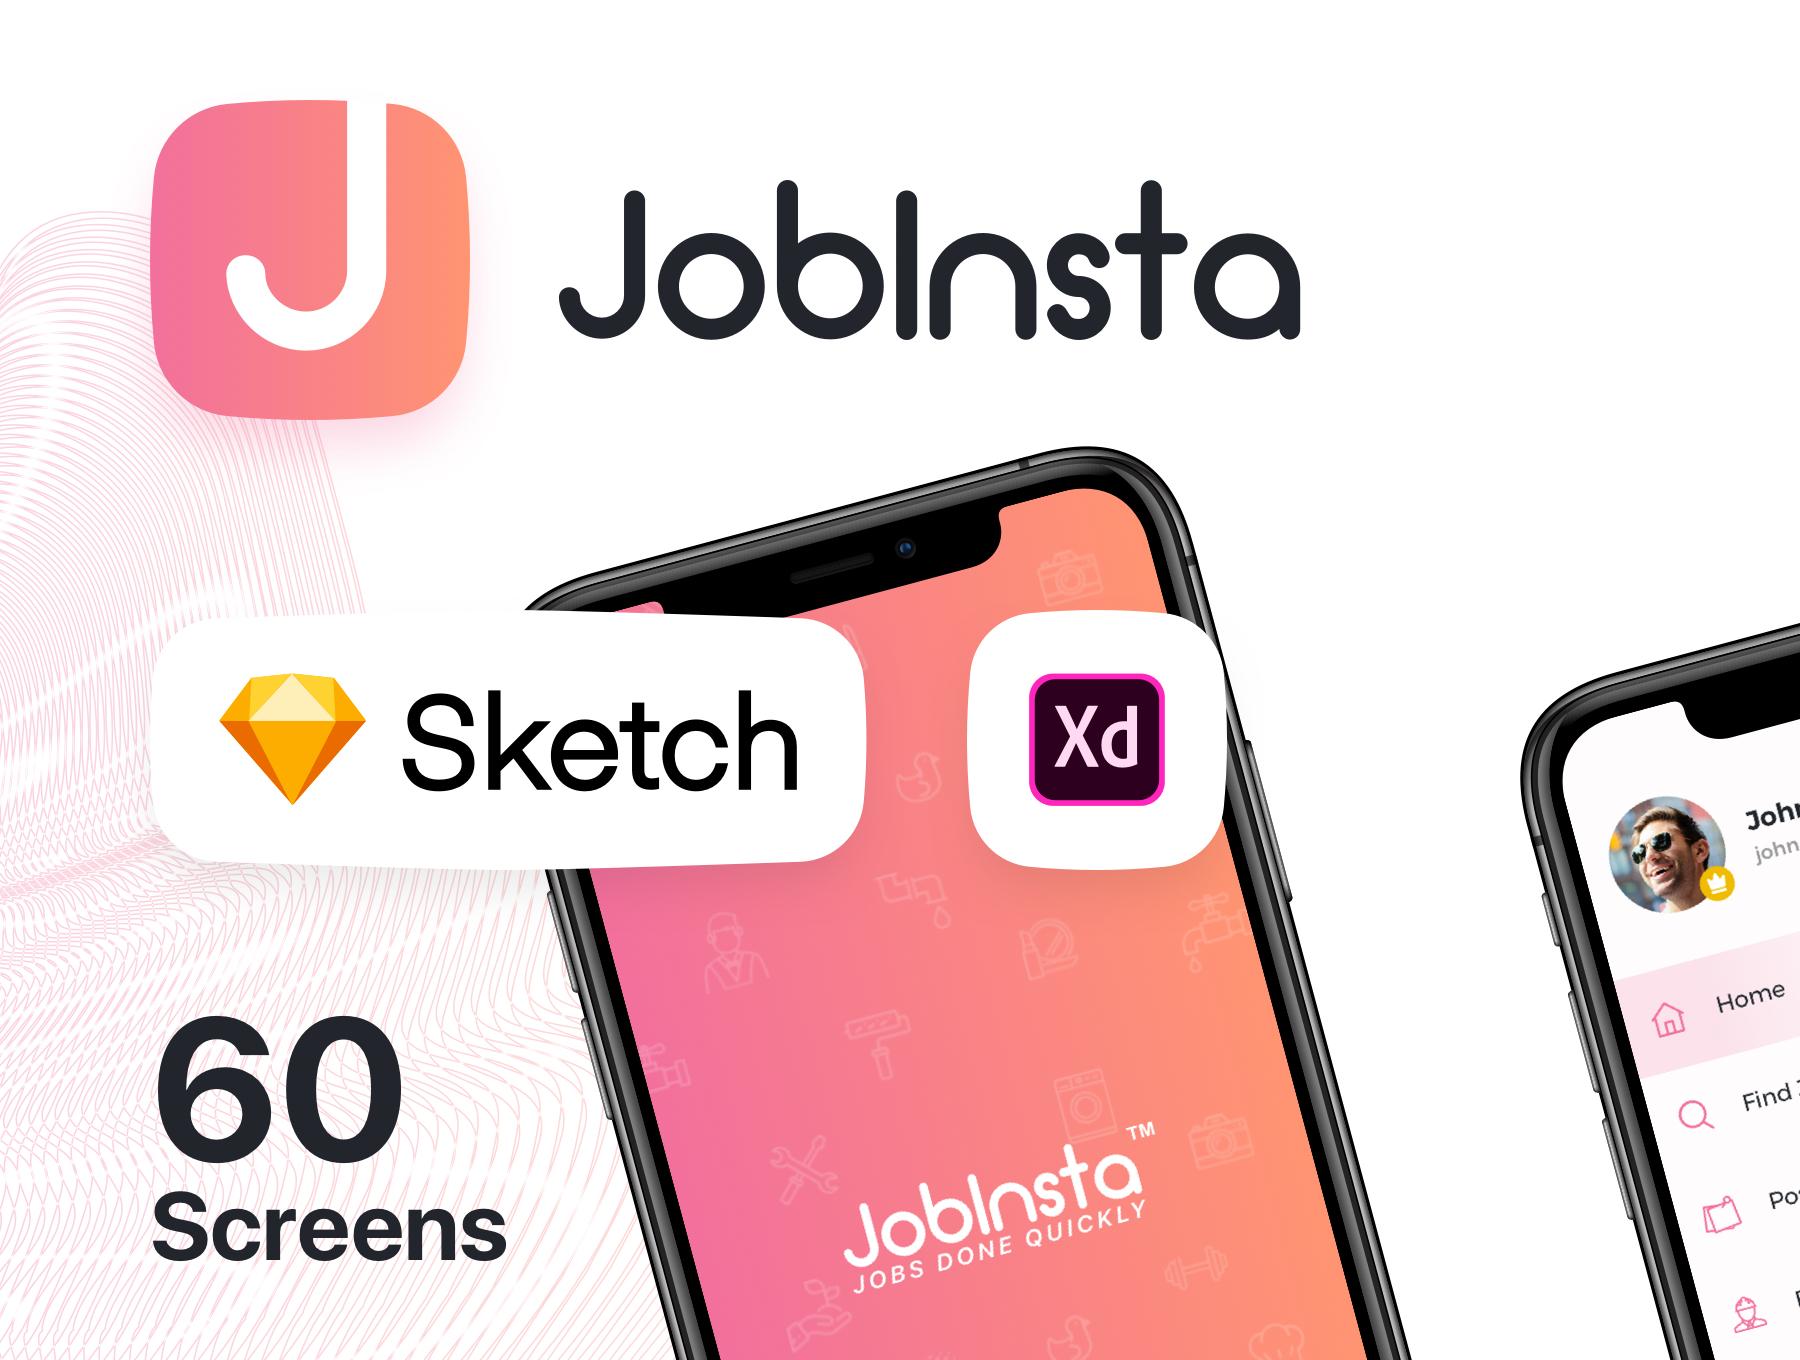 求职家政服务应用APP设计UI套件 JobInsta UI Kit插图